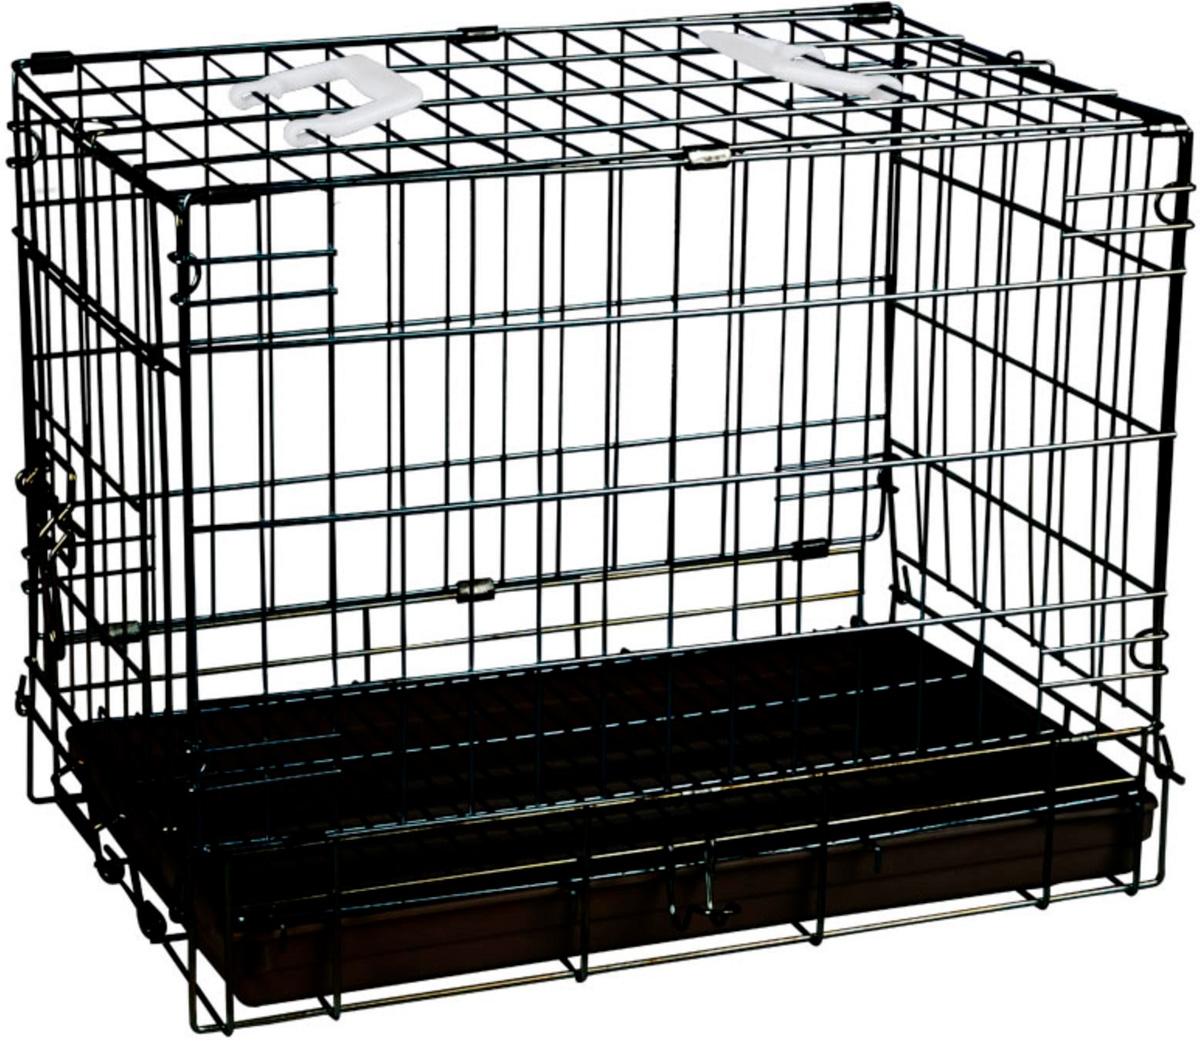 Фото - Клетка для животных Triol 002 эмаль 61 х 45,5 х 52 см (1 шт) triol triol sy2301 клетка для мелких животных эмаль 600х355х325 мм